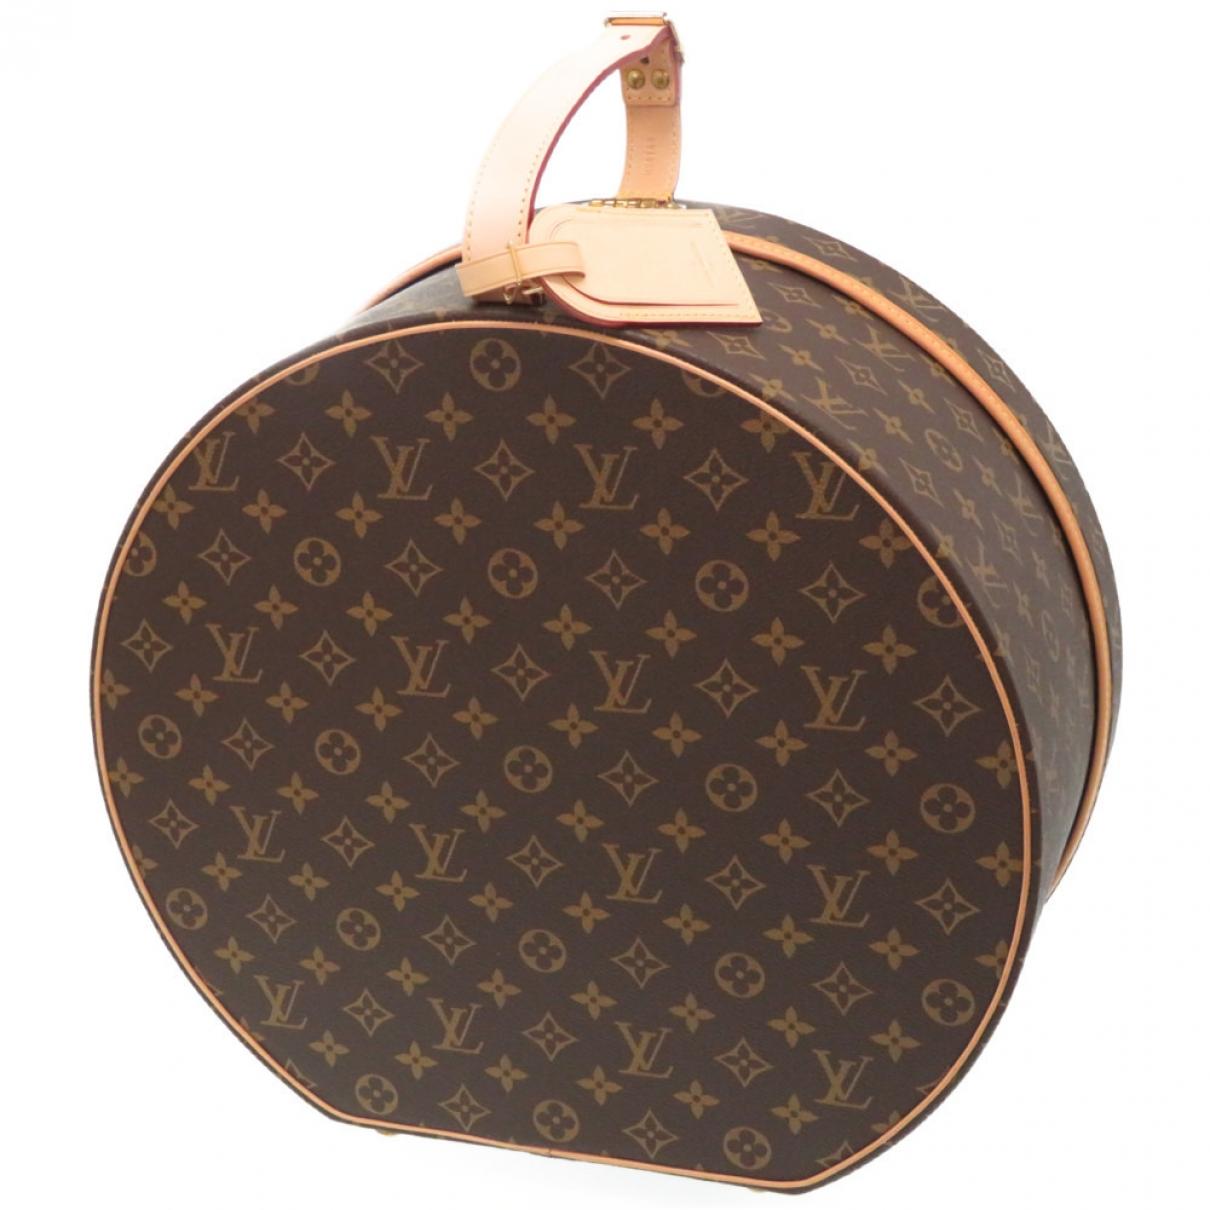 Louis Vuitton - Objets & Deco Boite a Chapeau pour lifestyle en toile - marron